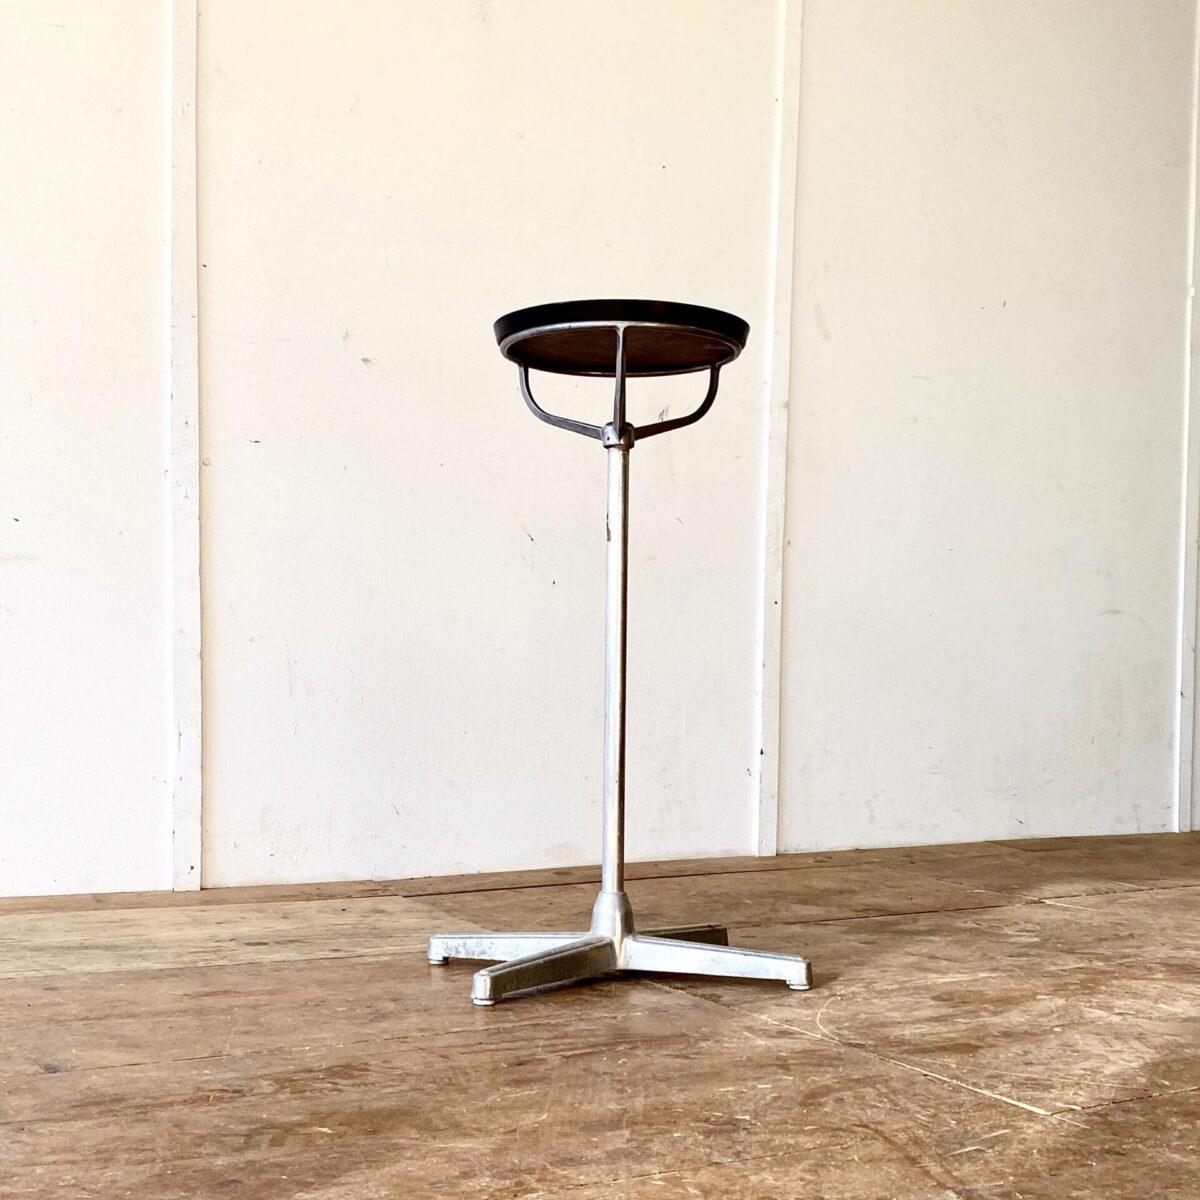 Deuxieme.shop Art déco Tisch. Kleiner Stehtisch für Blumen, Schlüssel Ablage oder Aperitif. Durchmesser 33cm Höhe 82.5cm. Tischblatt Nussbaum furniert, dicker Hochglanz Lack und schwarze Kante. Tischgestell Aluminium, teilweise Alu Guss.